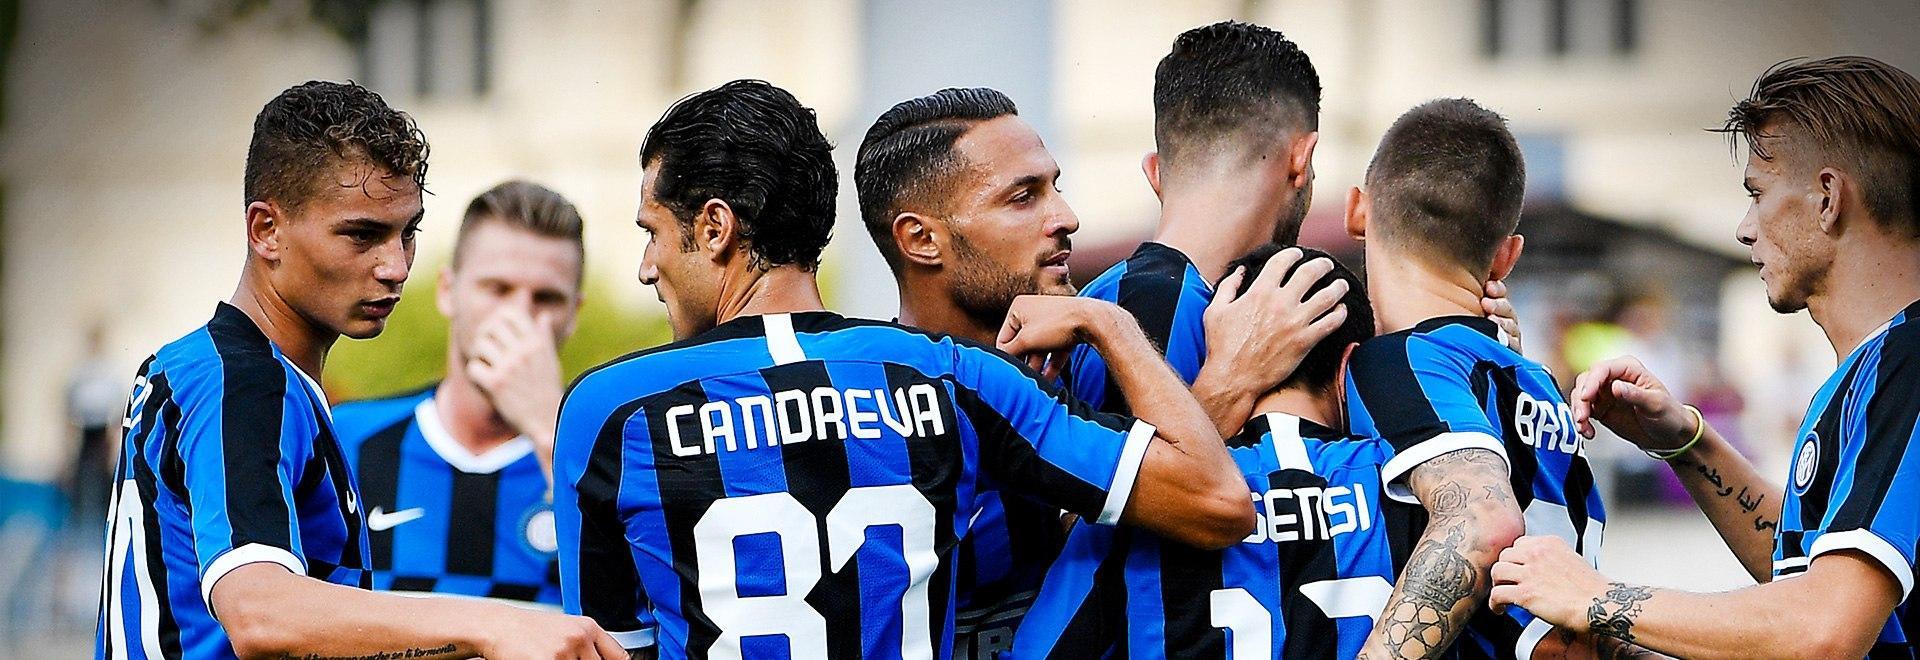 Inter - Pisa